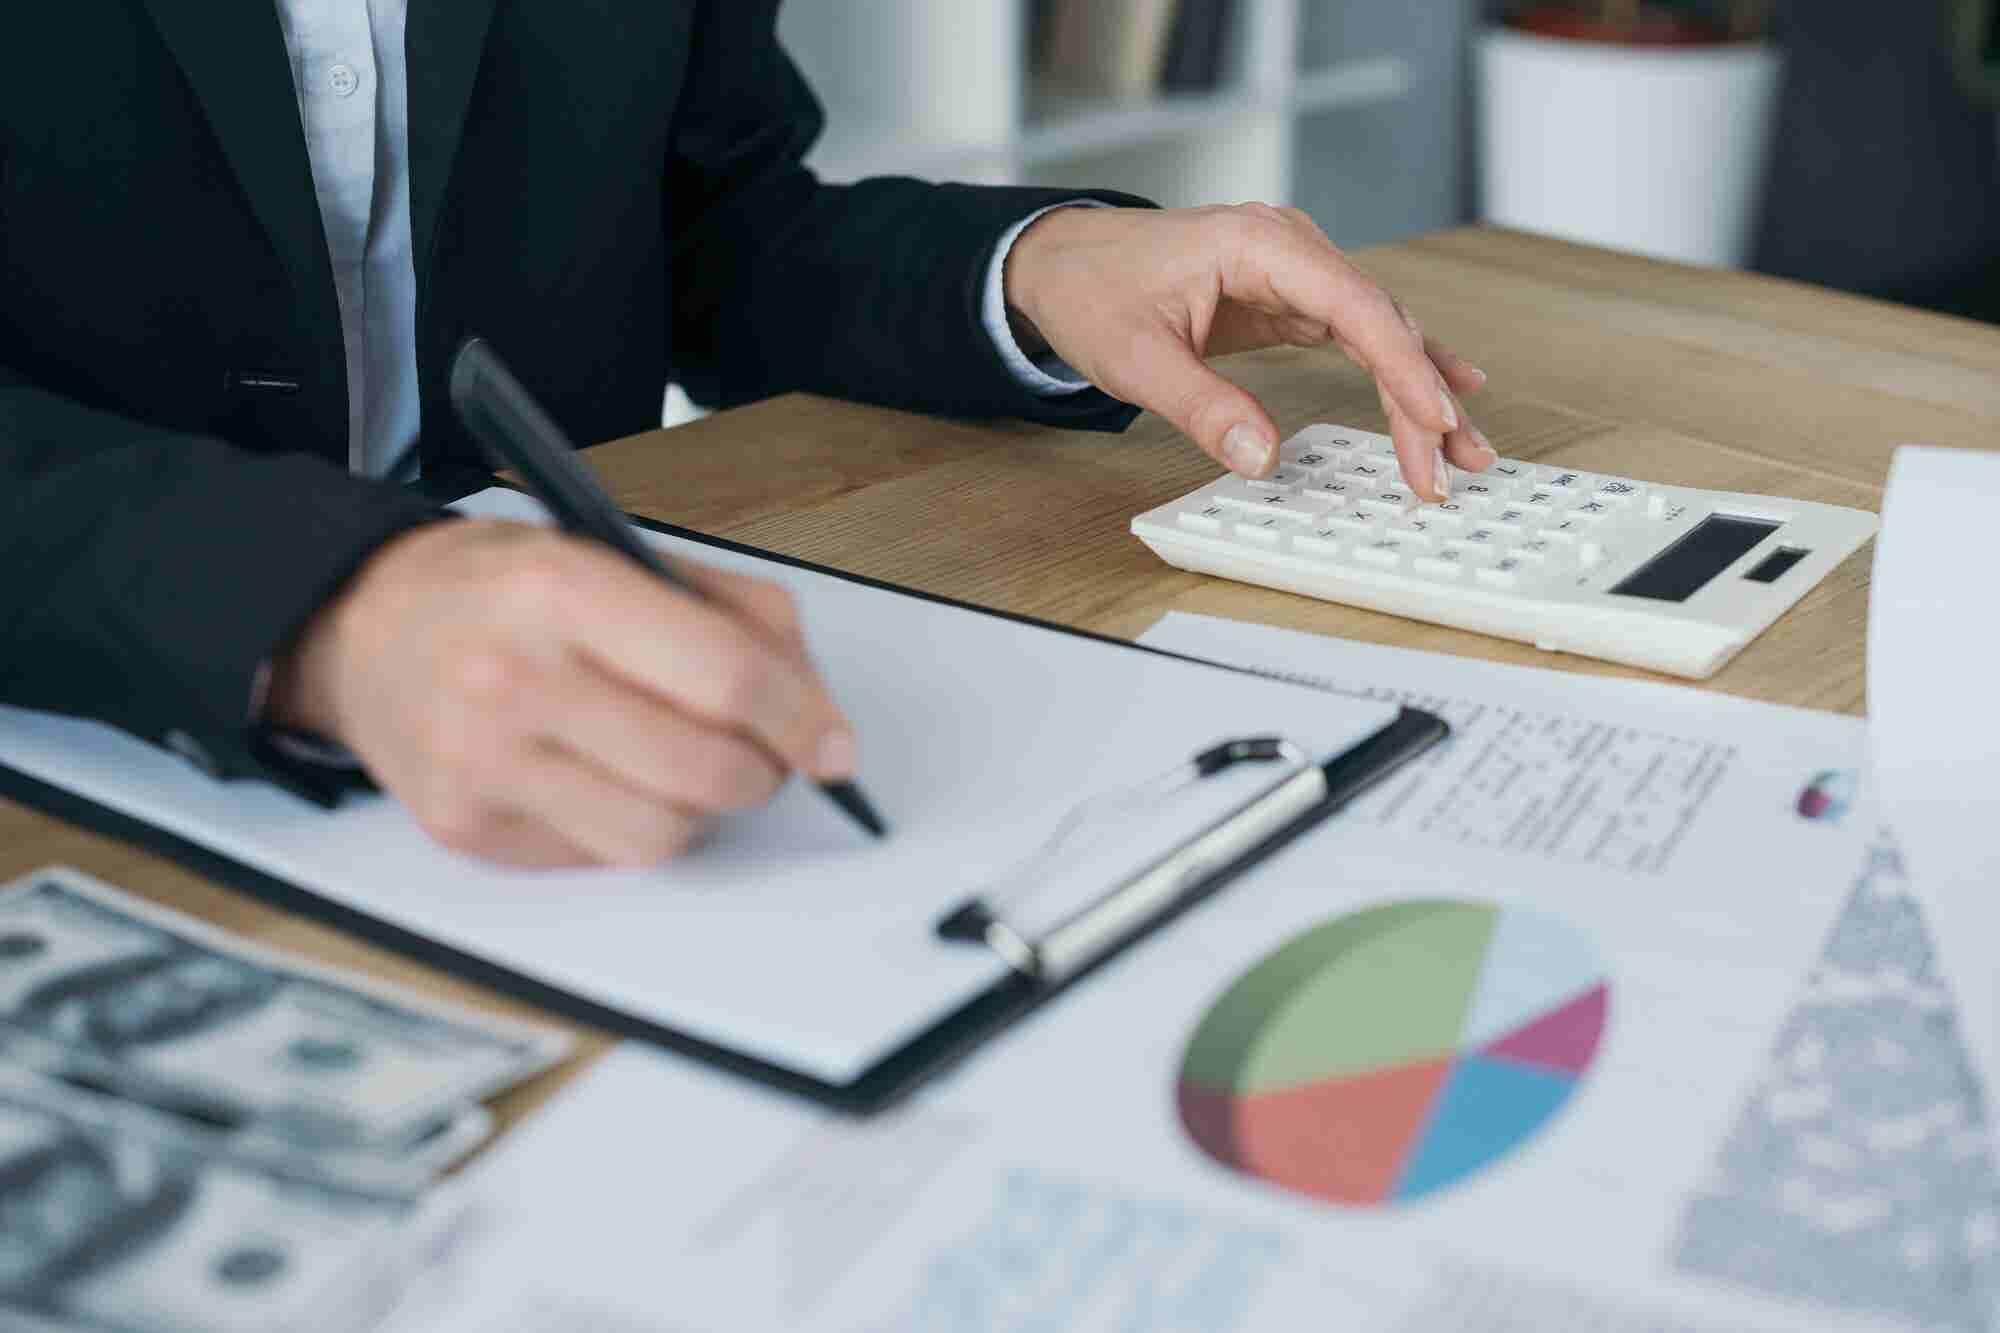 La ASEM peleará para que los emprendedores reciban pagos en un plazo no mayor a 30 días